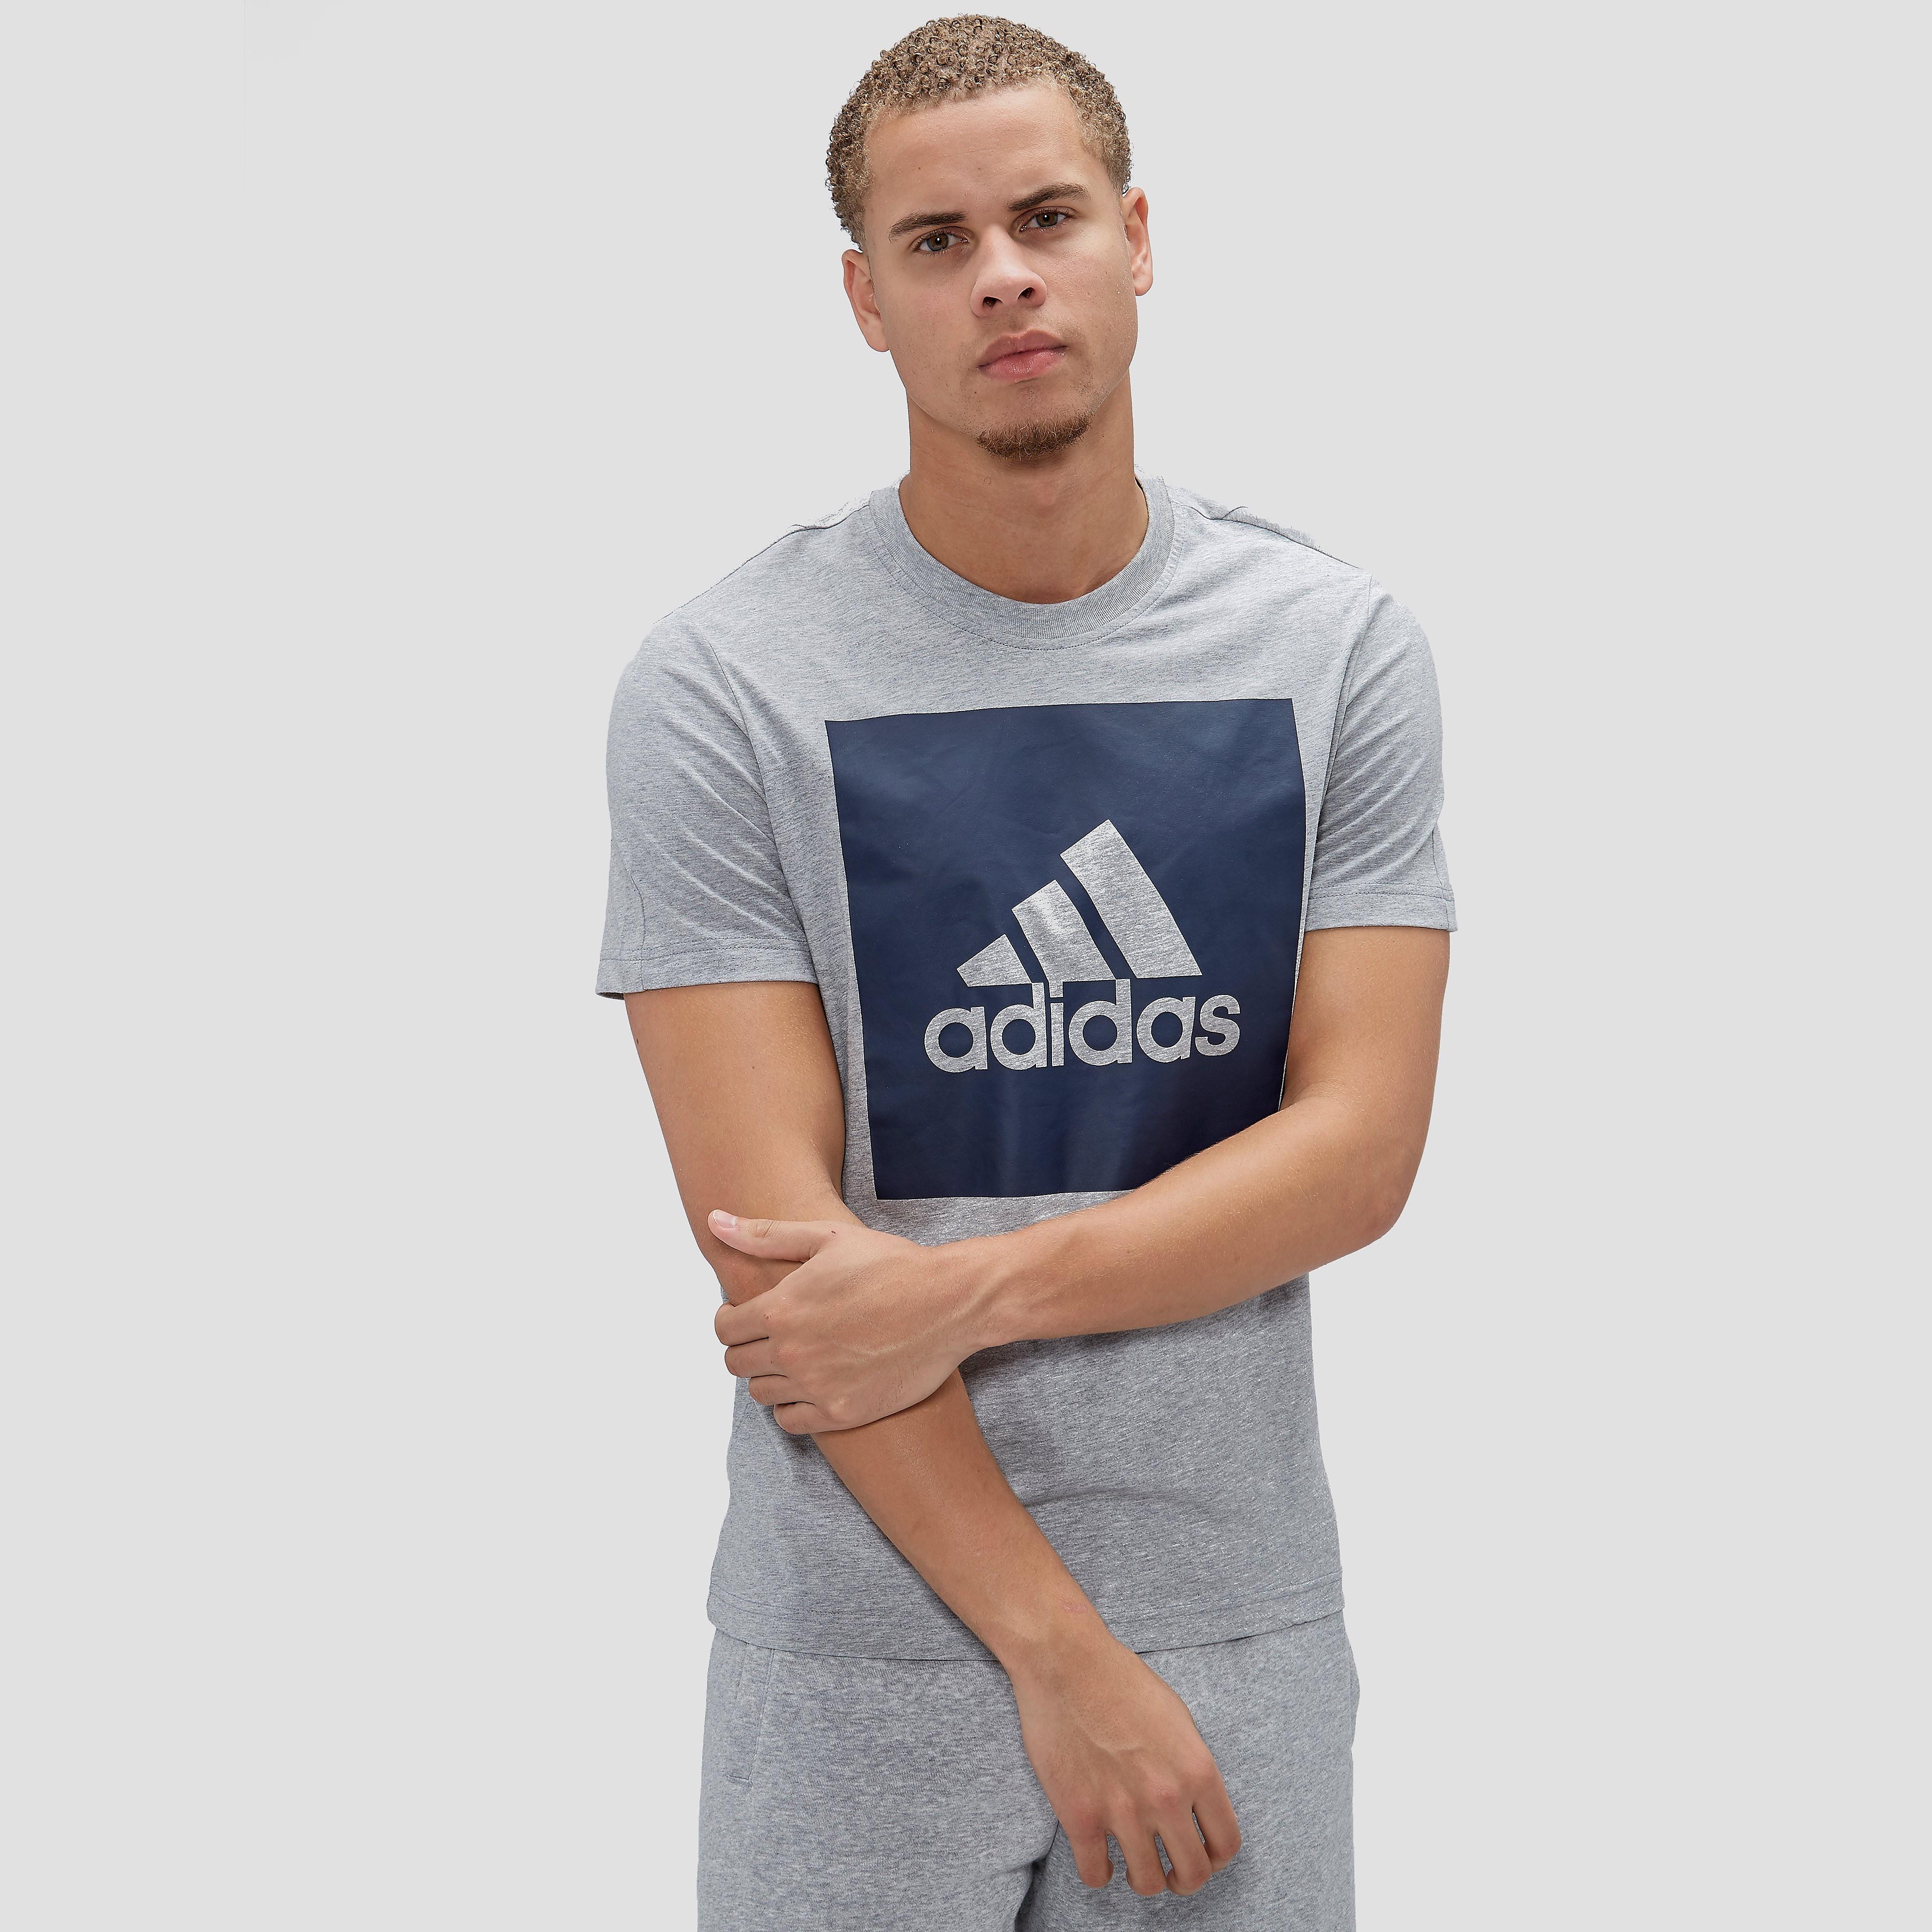 Adidas Essentials Big Box Logo men's training t-shirt (grey-dark blue) XL